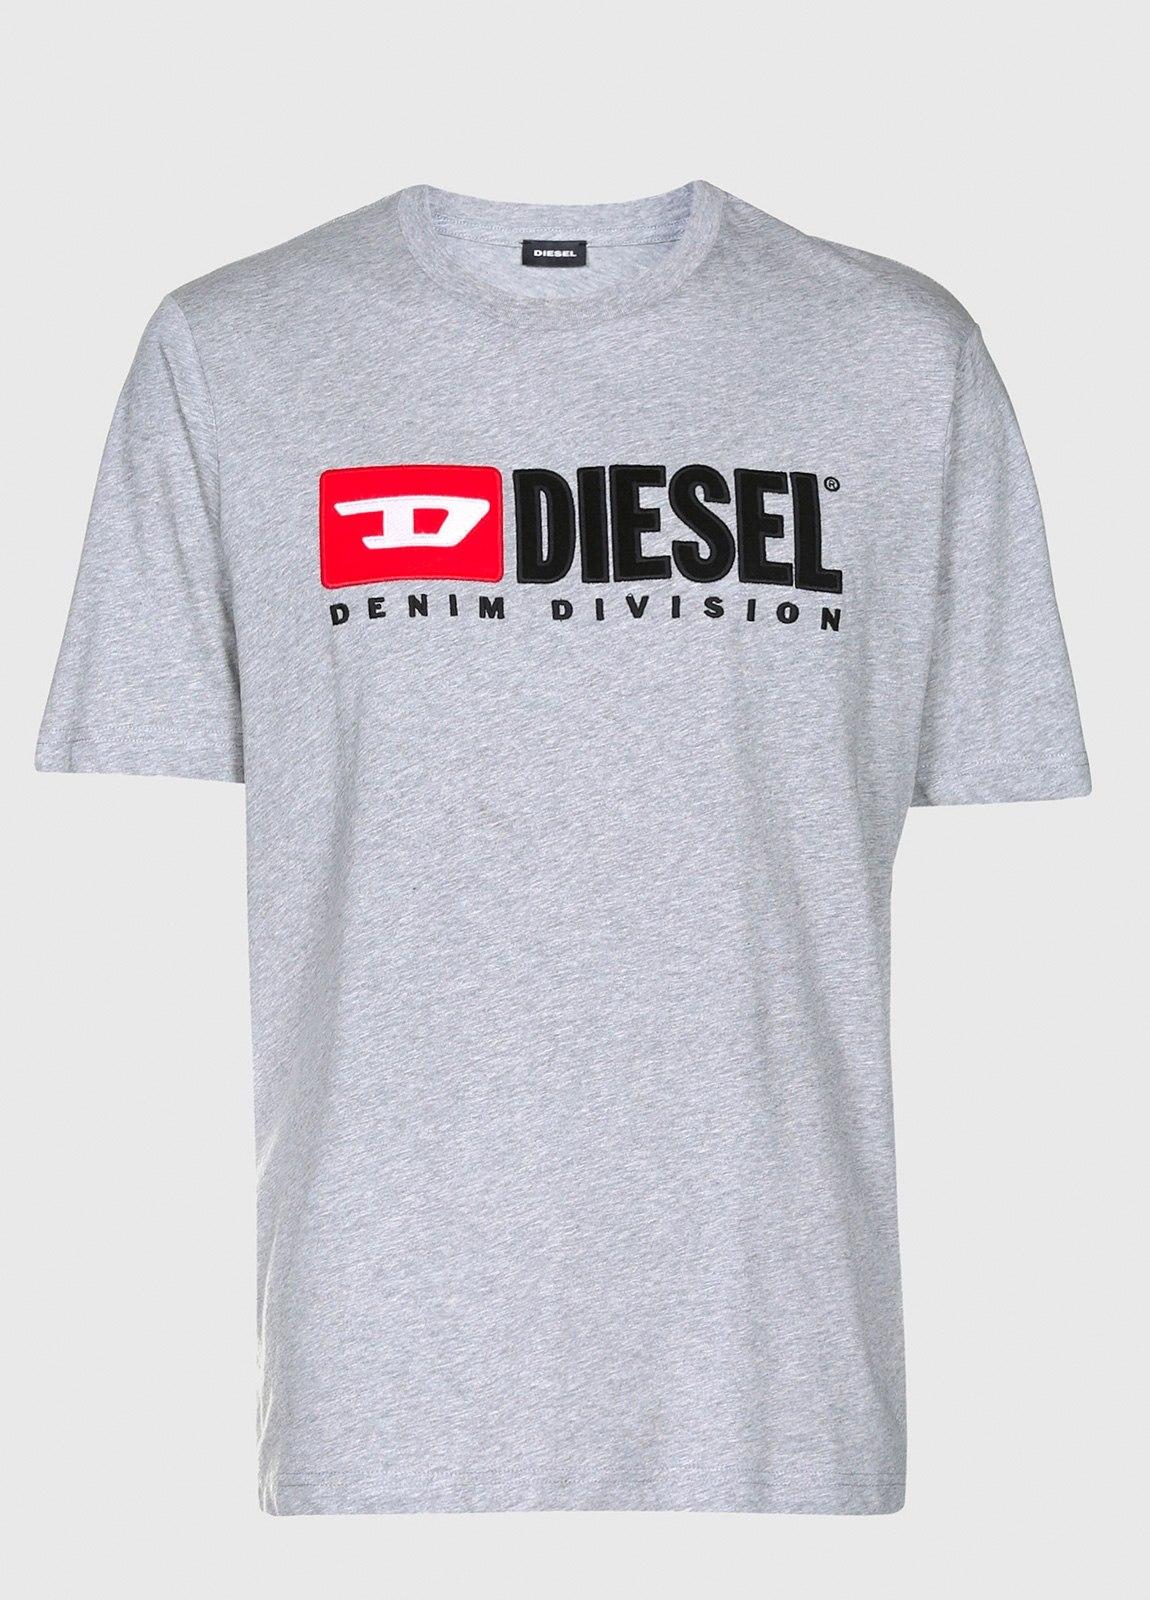 Camiseta básica m/corta de corte recto y logo años 90. Color gris. 100% algodón. - Ítem1